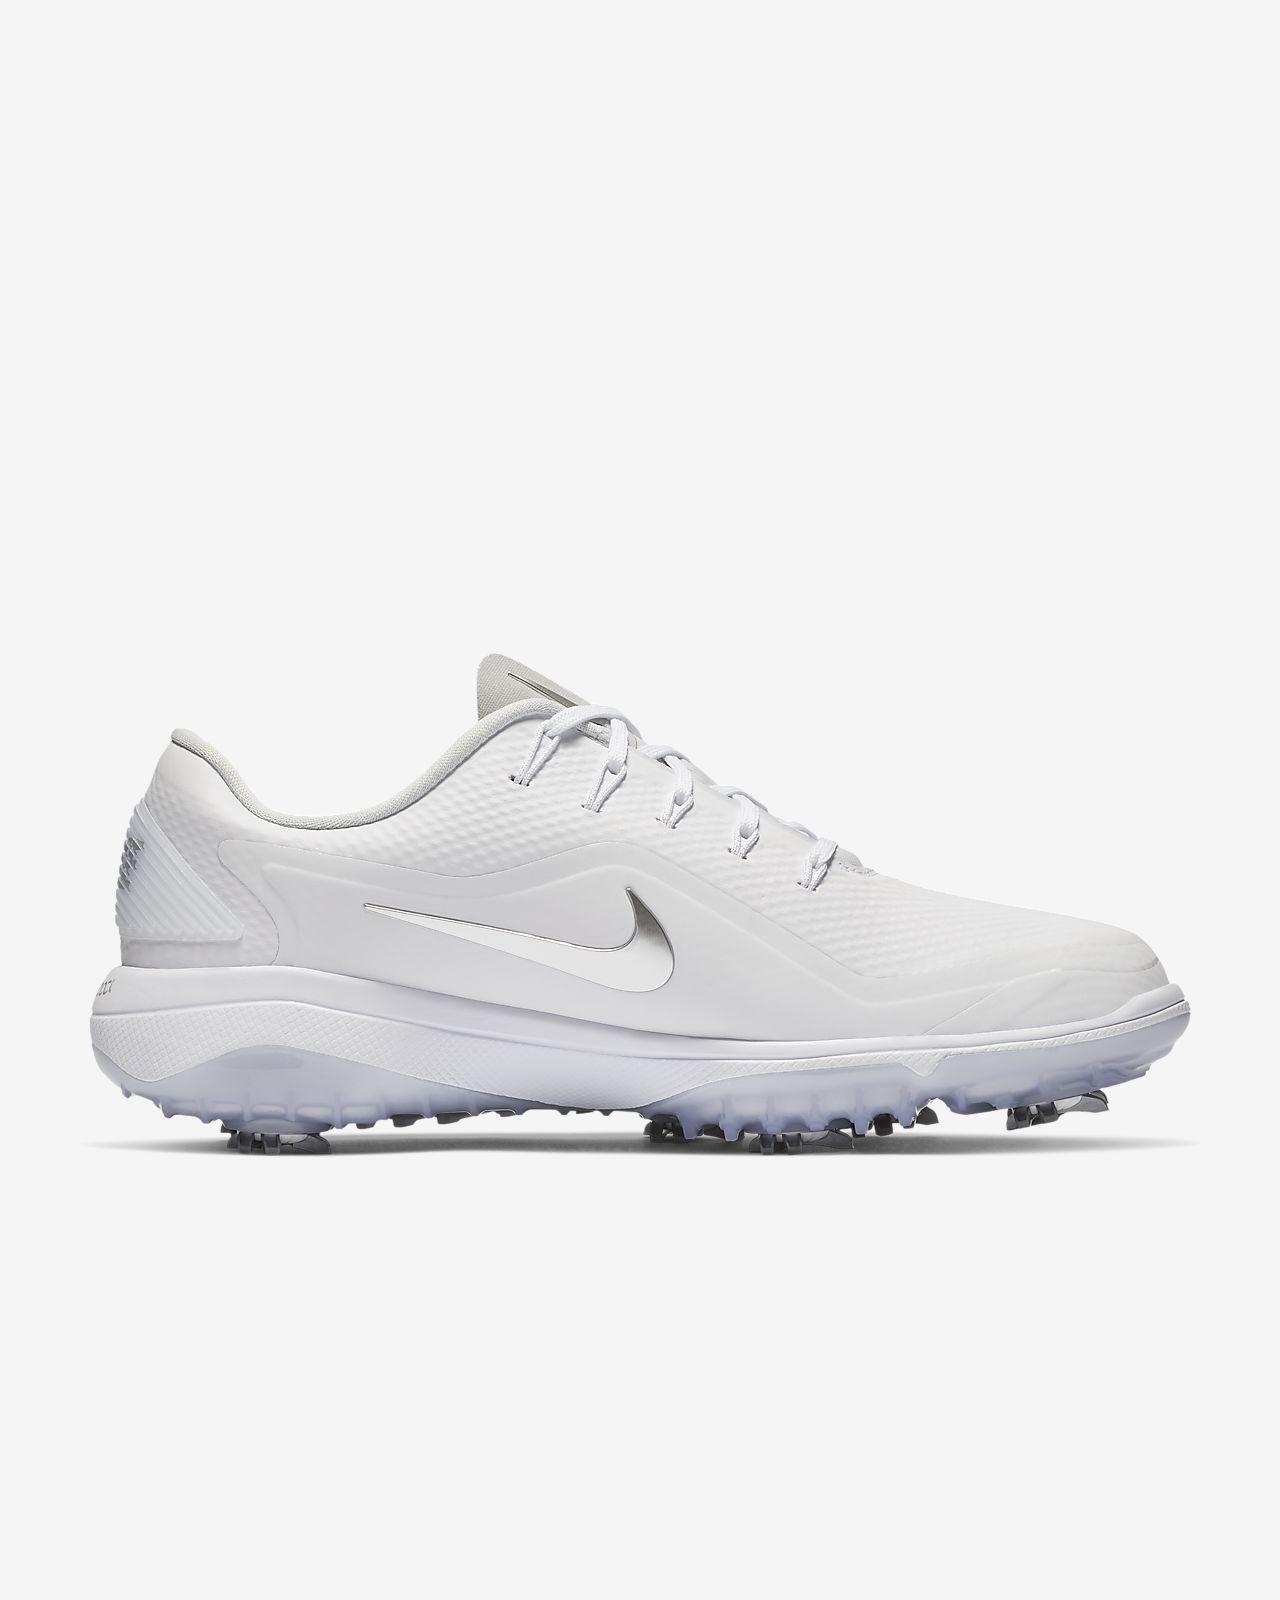 new styles 5745e 3c037 ... Golfsko Nike React Vapor 2 för kvinnor